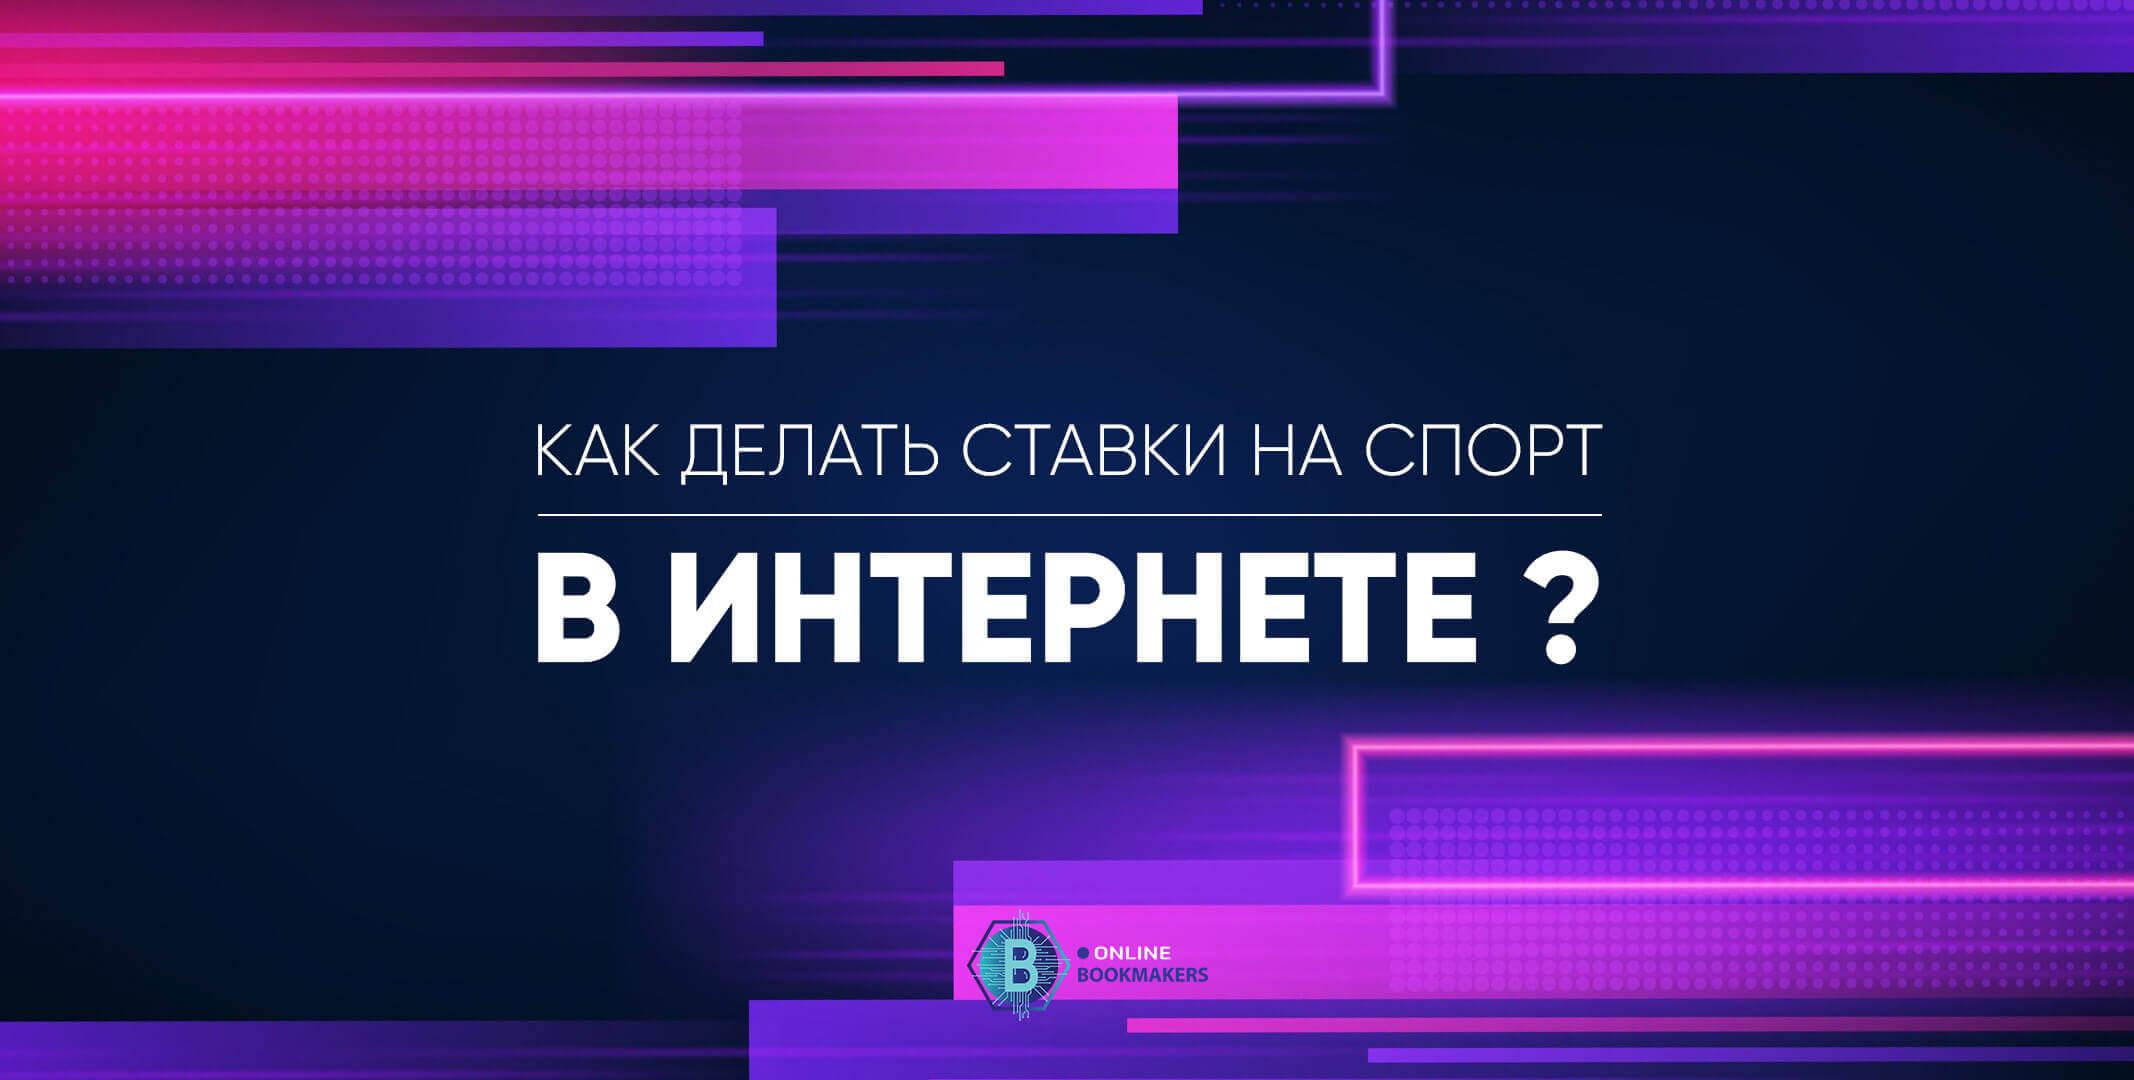 Как делать ставки на спорт в кыргызстане ндс калькулятор онлайн